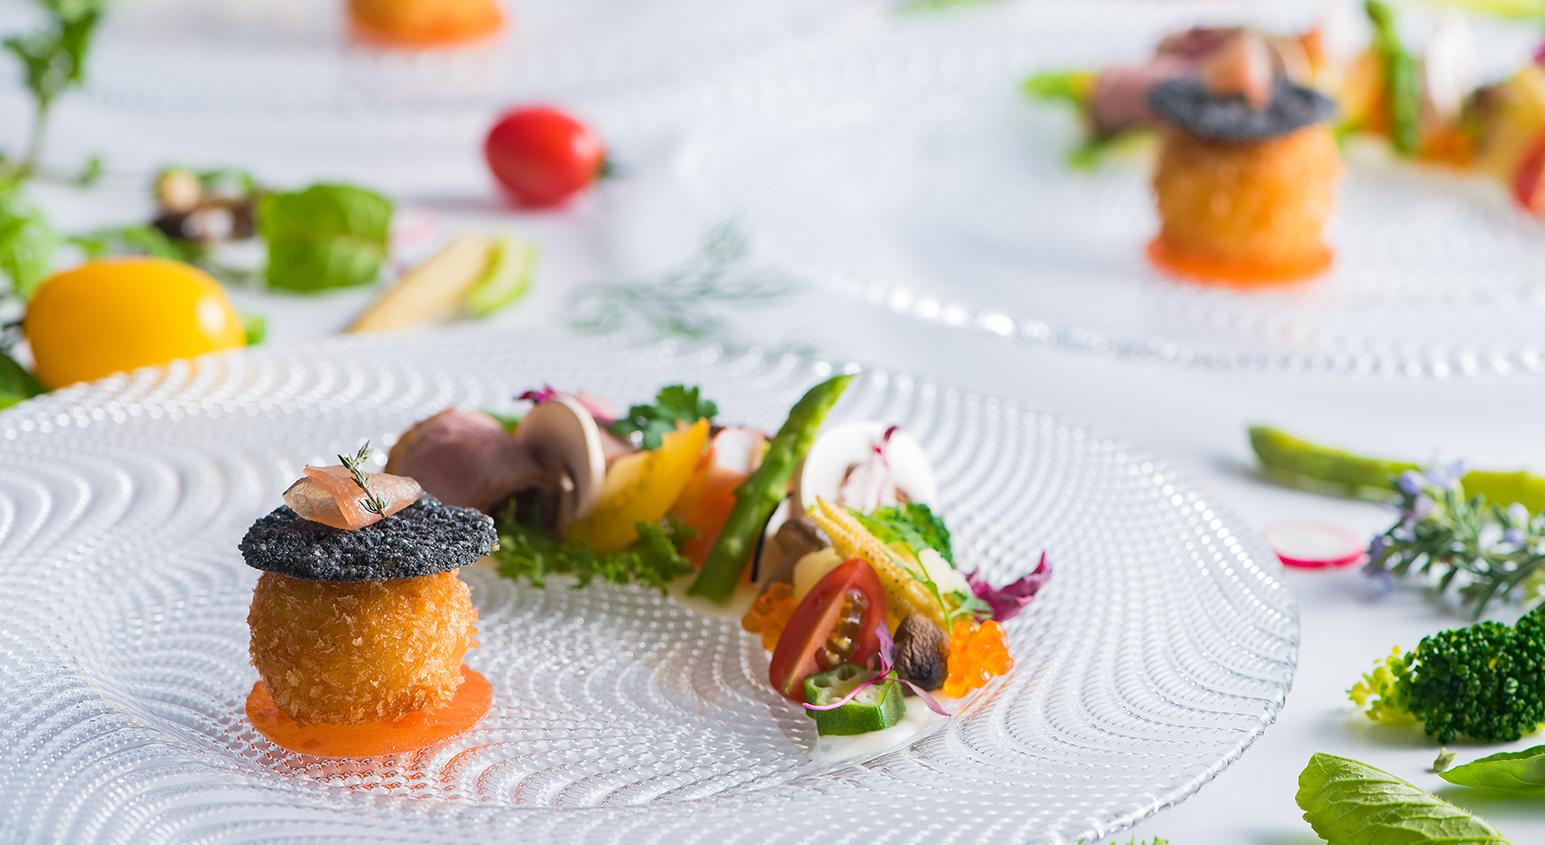 季節野菜にフォアグラのソテー 鴨のグリル 海の幸を添えて | 愛媛県松山市の結婚式場ベルフォーレ松山